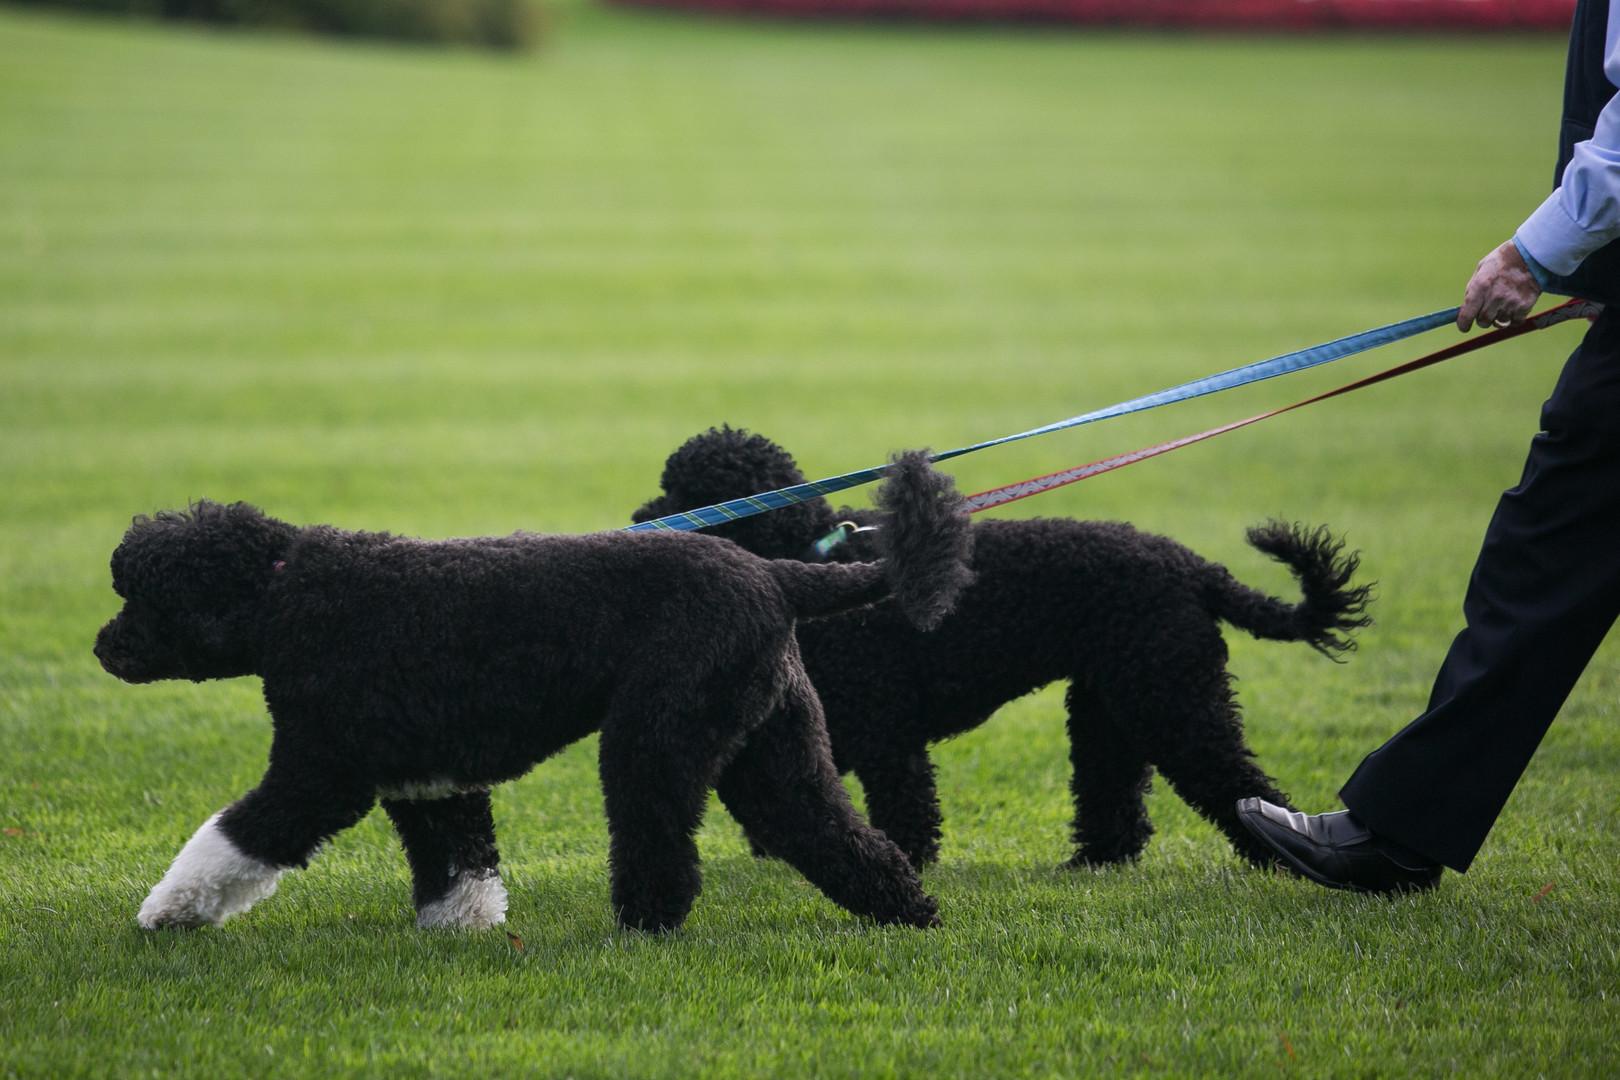 بالصور.. كلب أوباما يعض فتاة استضافها الرئيس بالبيت الأبيض في وجهها